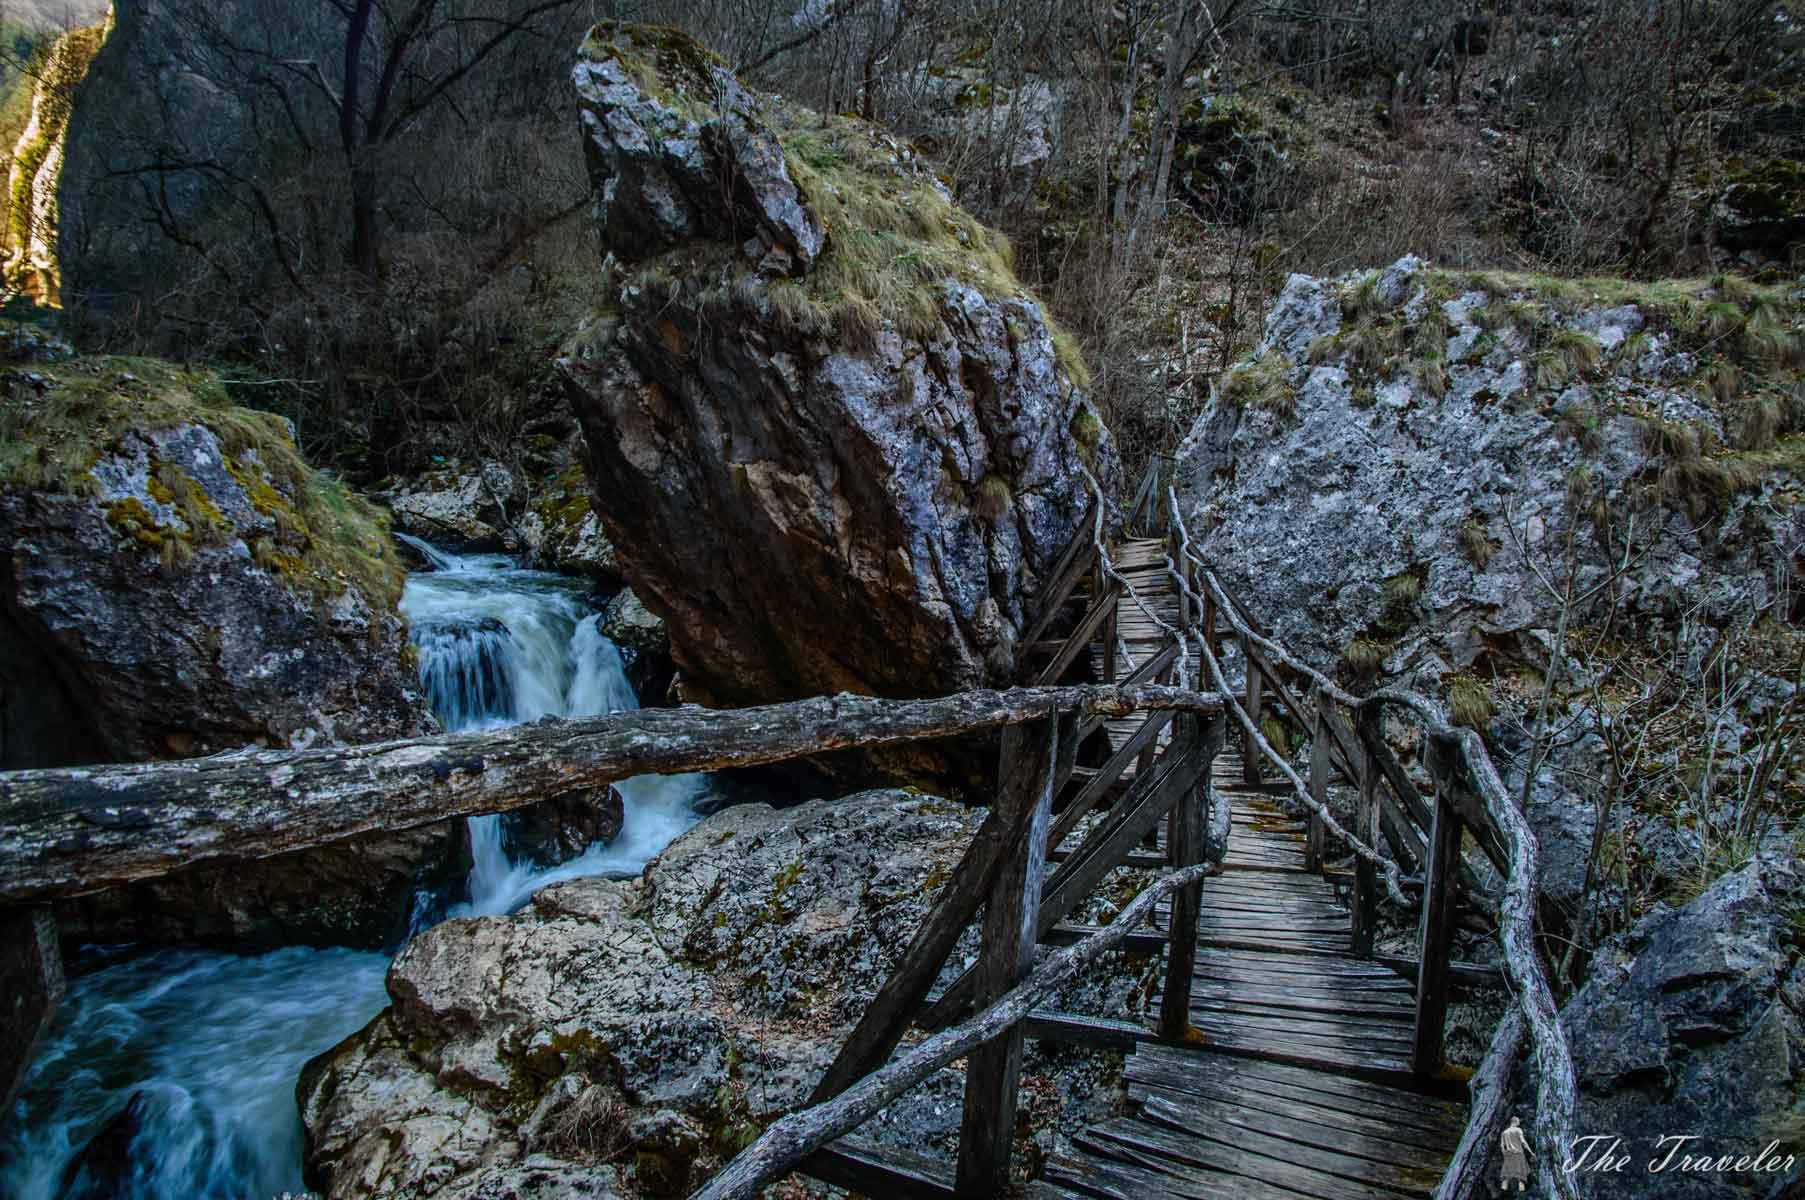 река Ерма / Erma River